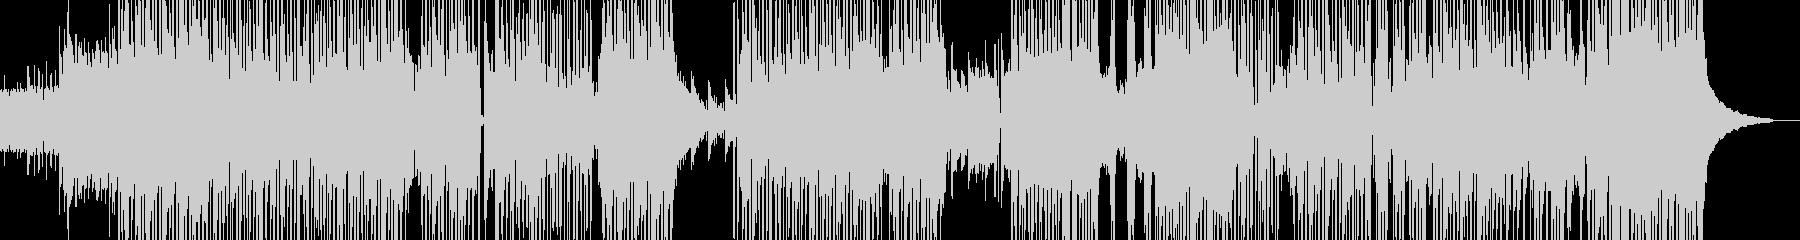 渋くてワイルドなヒップホップ 長尺+の未再生の波形